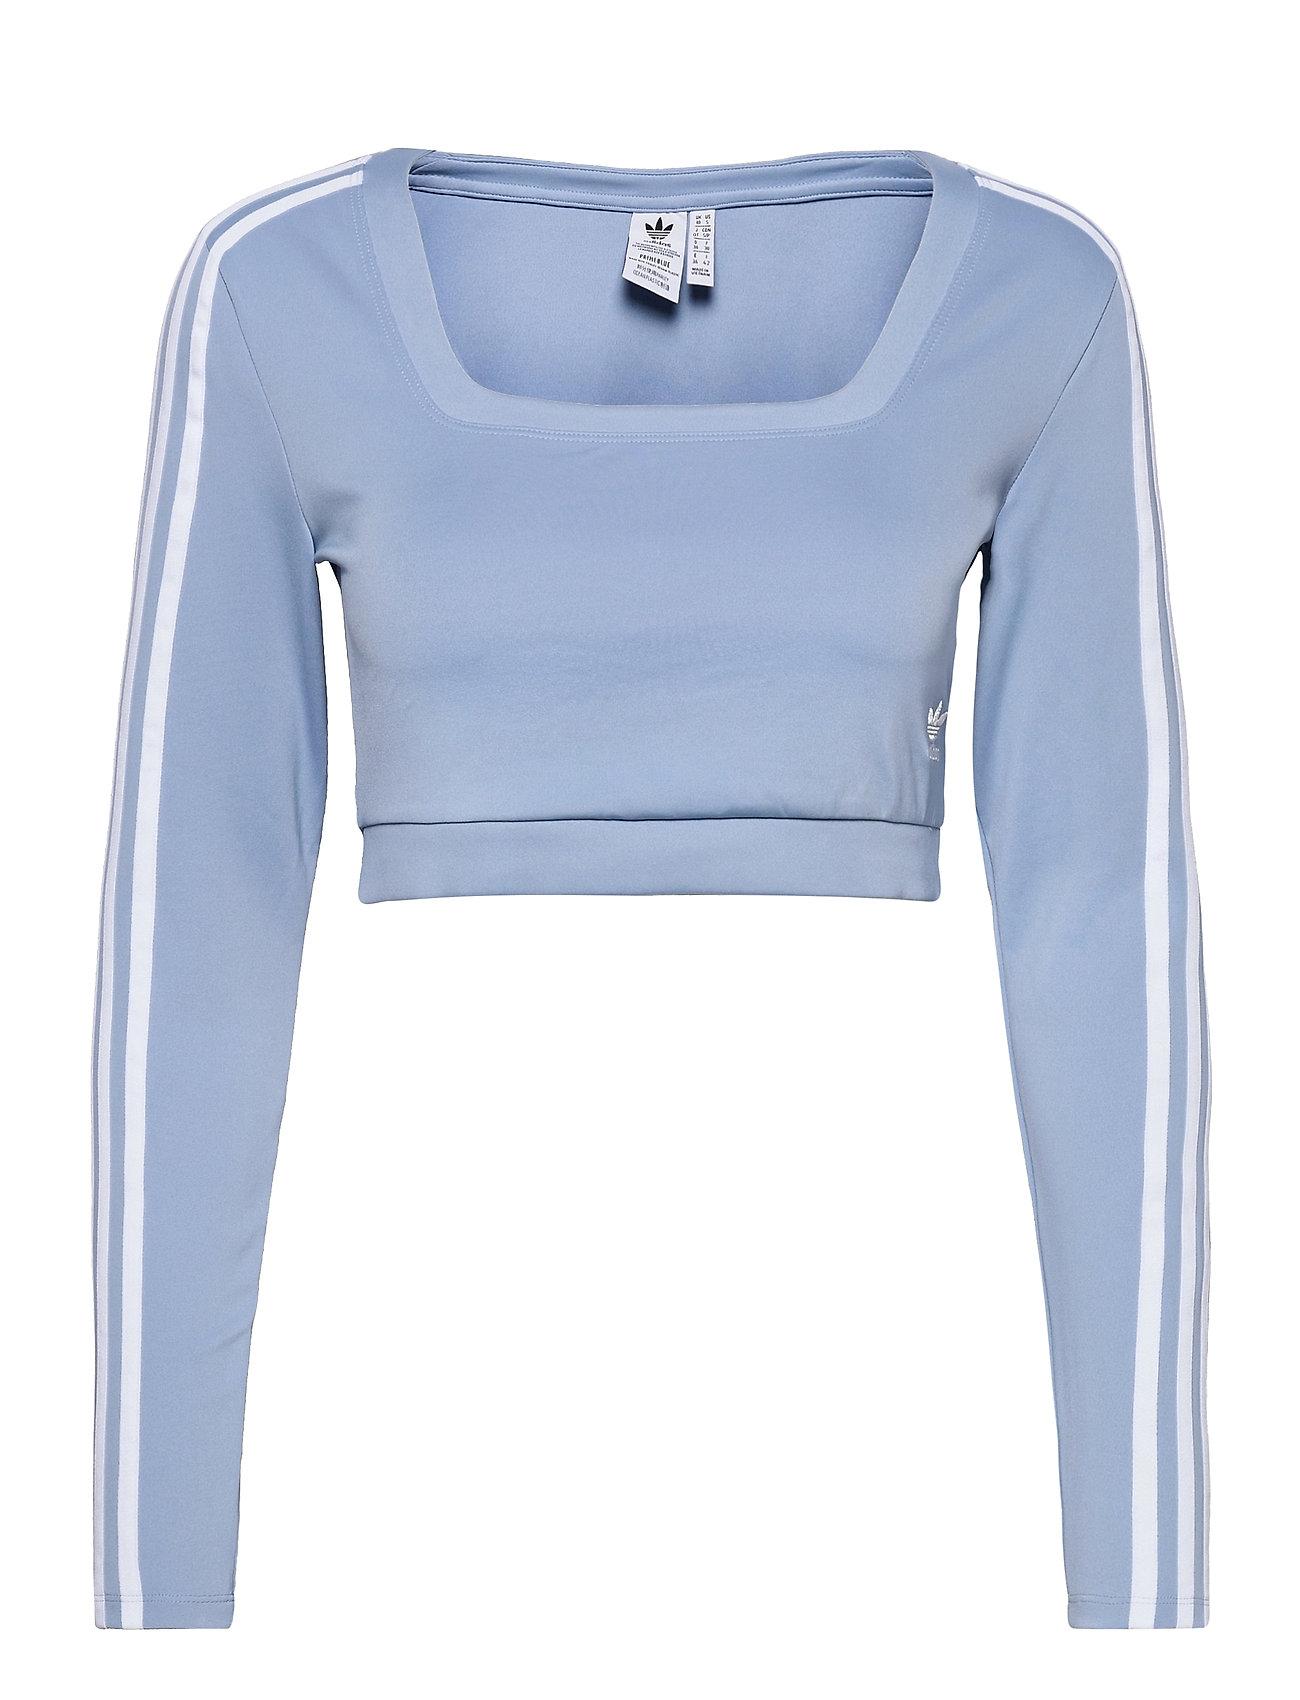 Adicolor Classics Long Sleeve Tee W Crop Tops Blå Adidas Originals